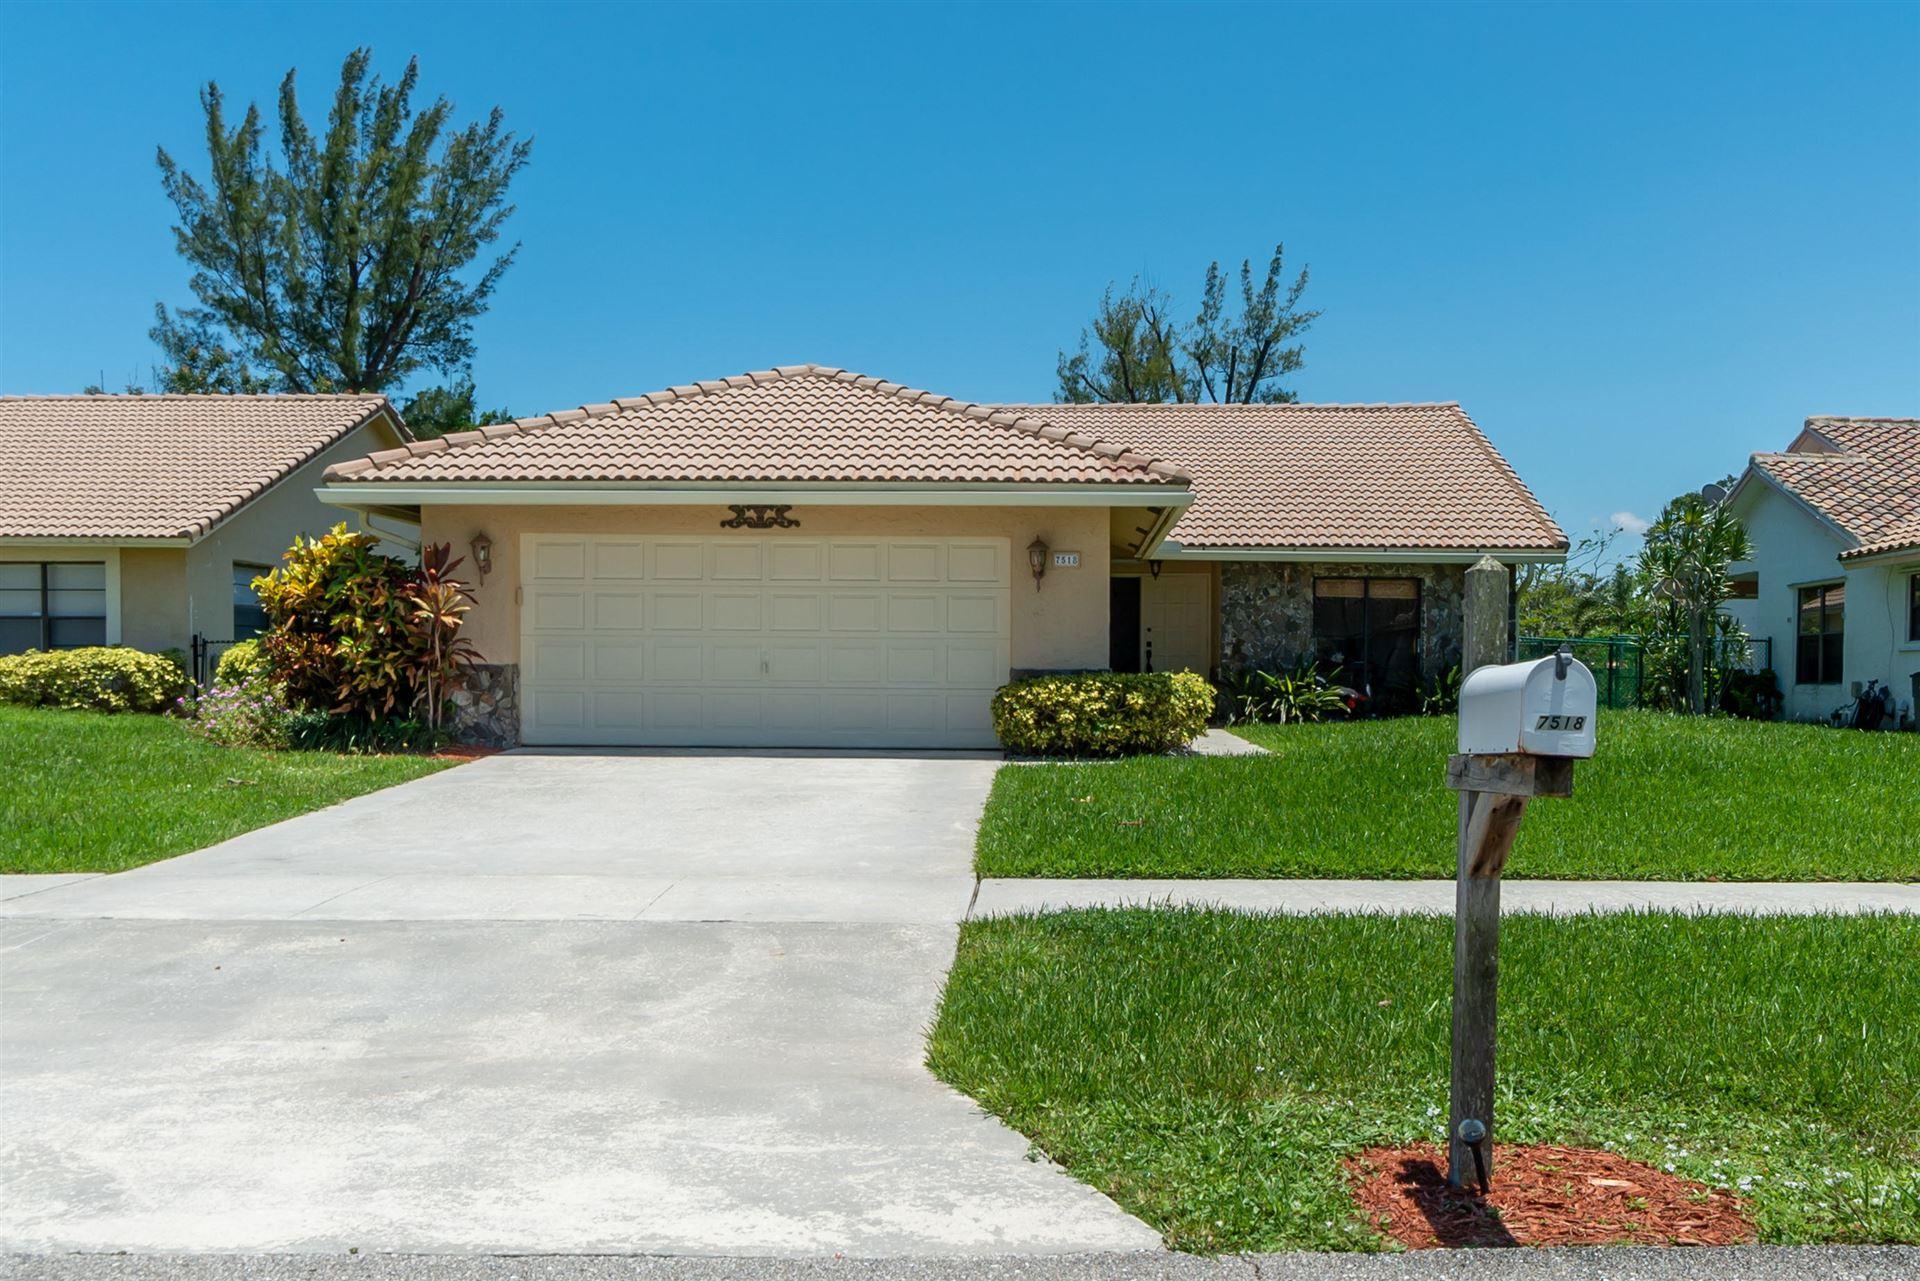 7518 Silver Woods Court, Boca Raton, FL 33433 - #: RX-10632006